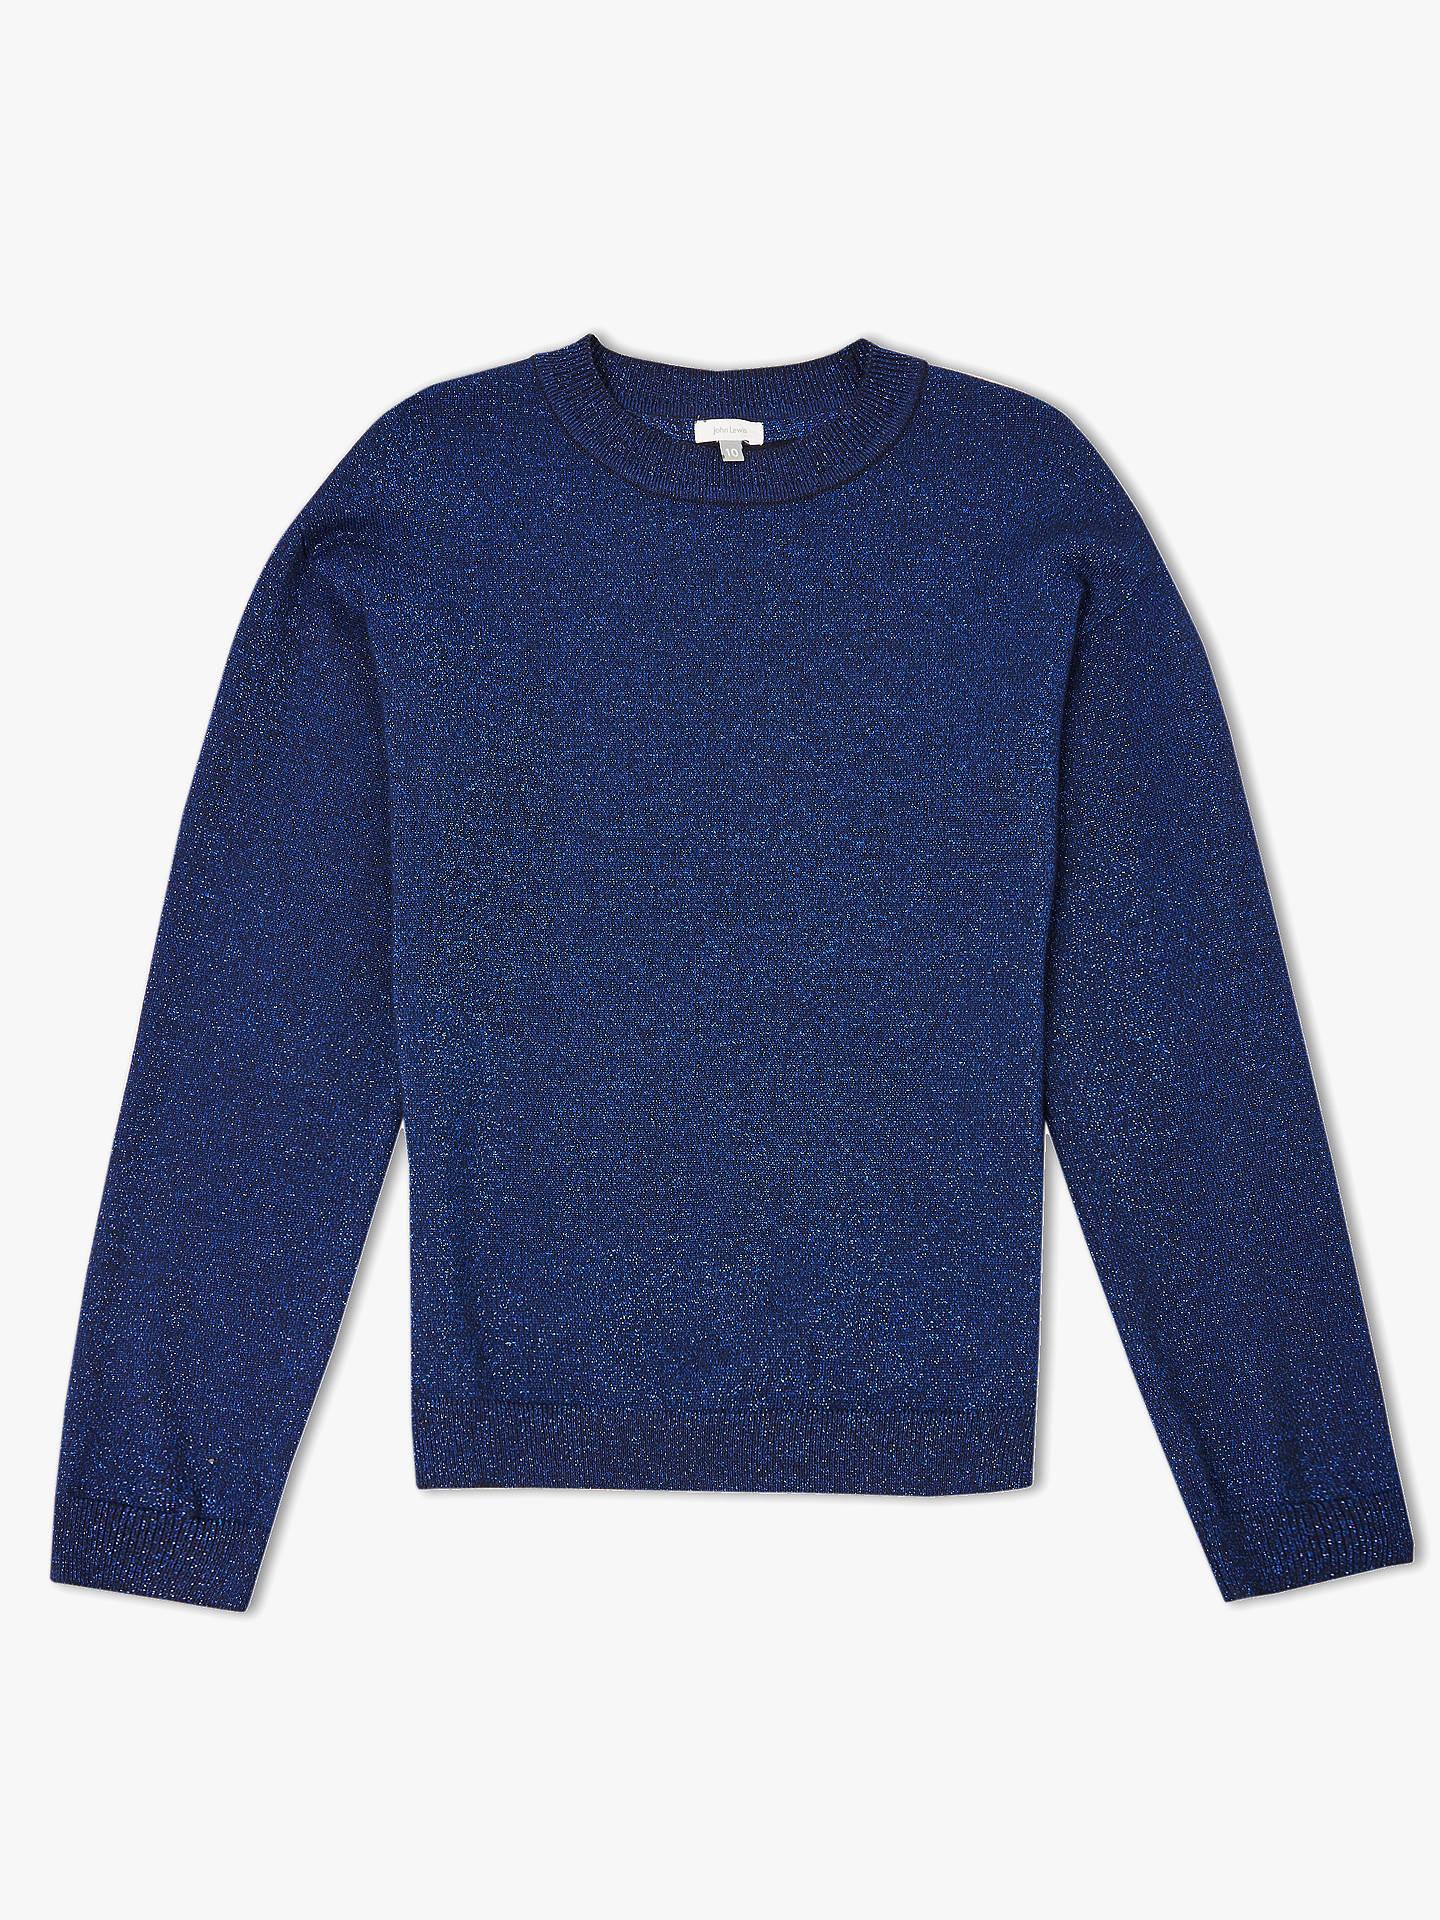 0cb5170aba8 John Lewis & Partners Girls' Glitter Knitted Jumper, Navy